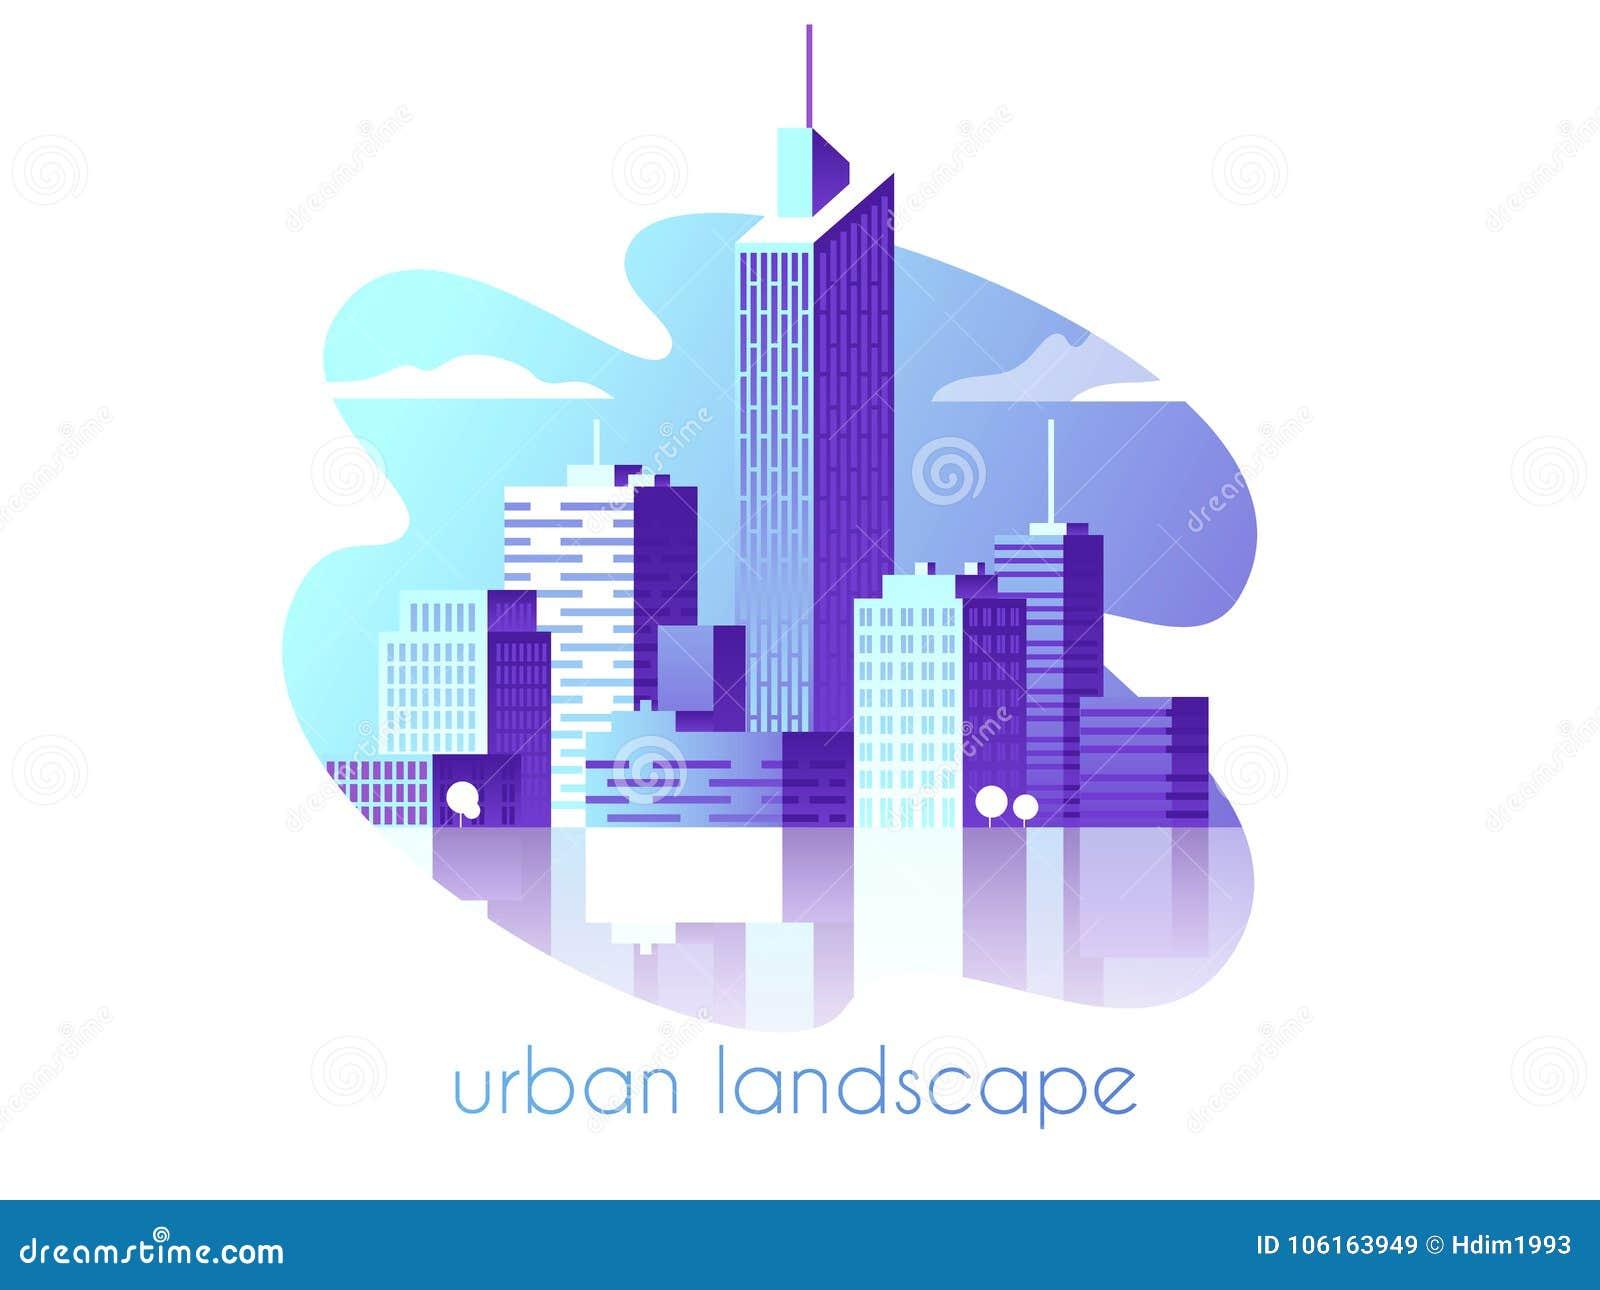 De stadslandschap van de nacht Moderne architectuur, gebouwen, wolkenkrabbers Vlakke vectorillustratie 3d stijl